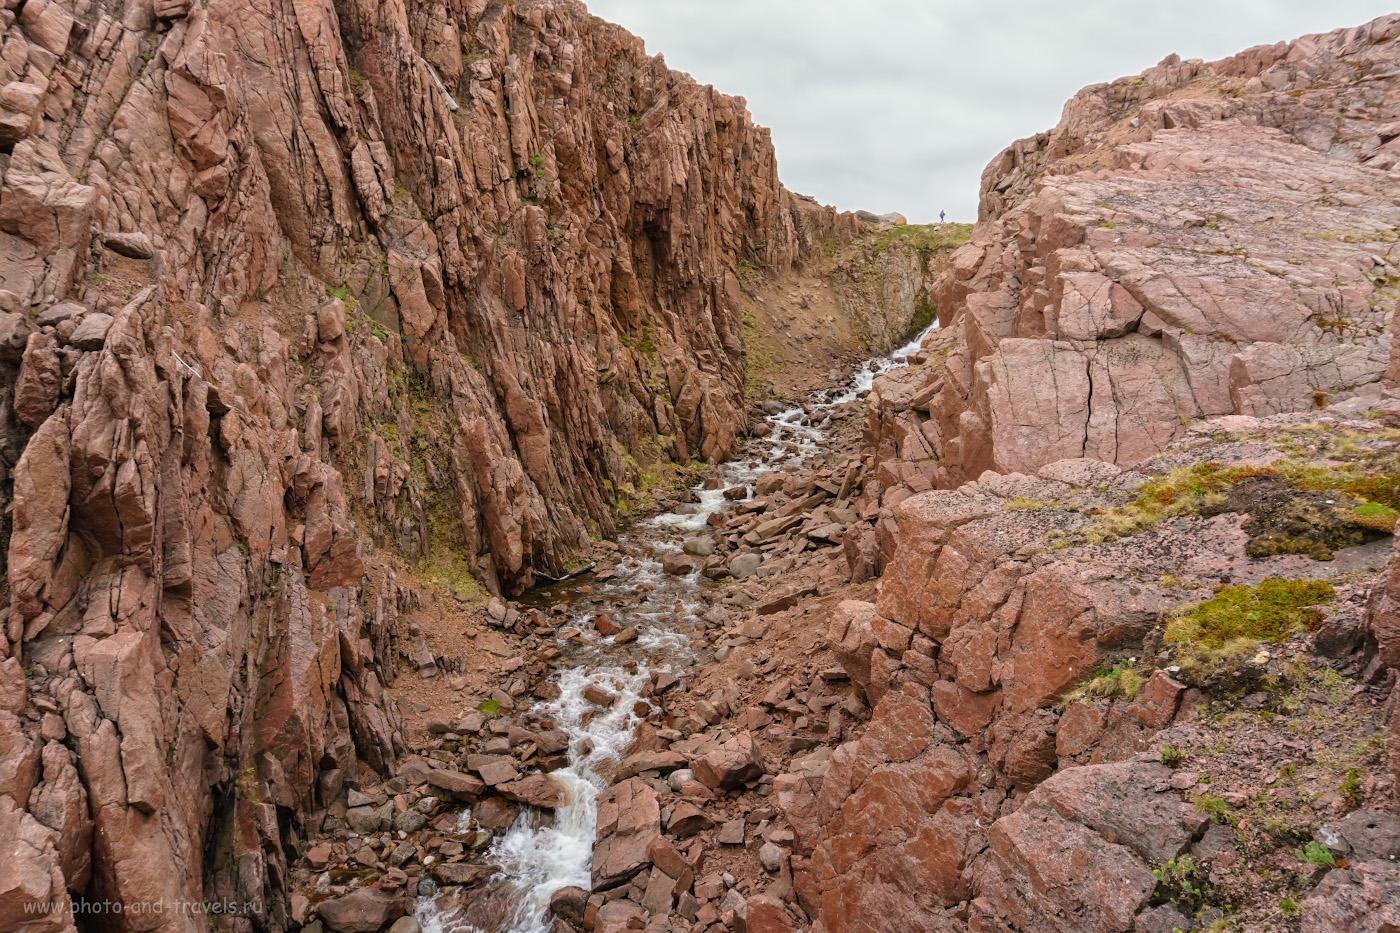 Фотография 37. Красный каньон Батарейского водопада в окрестностях села Териберка на Кольском полуострове в Мурманской области.